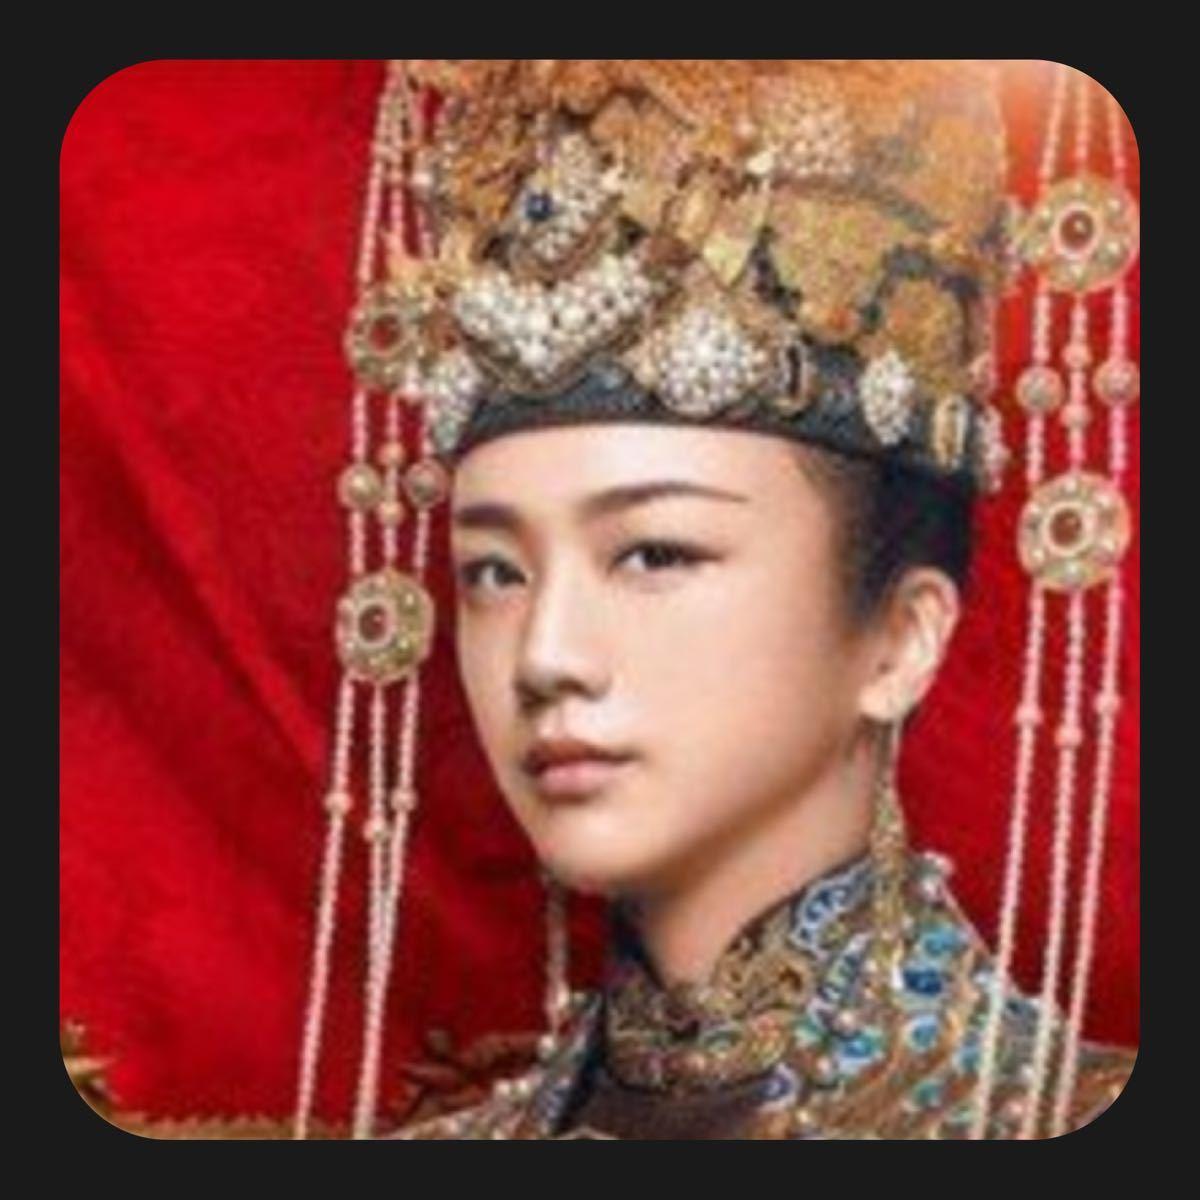 中国ドラマ 大明皇妃 BluRay全話 ☆高画質☆